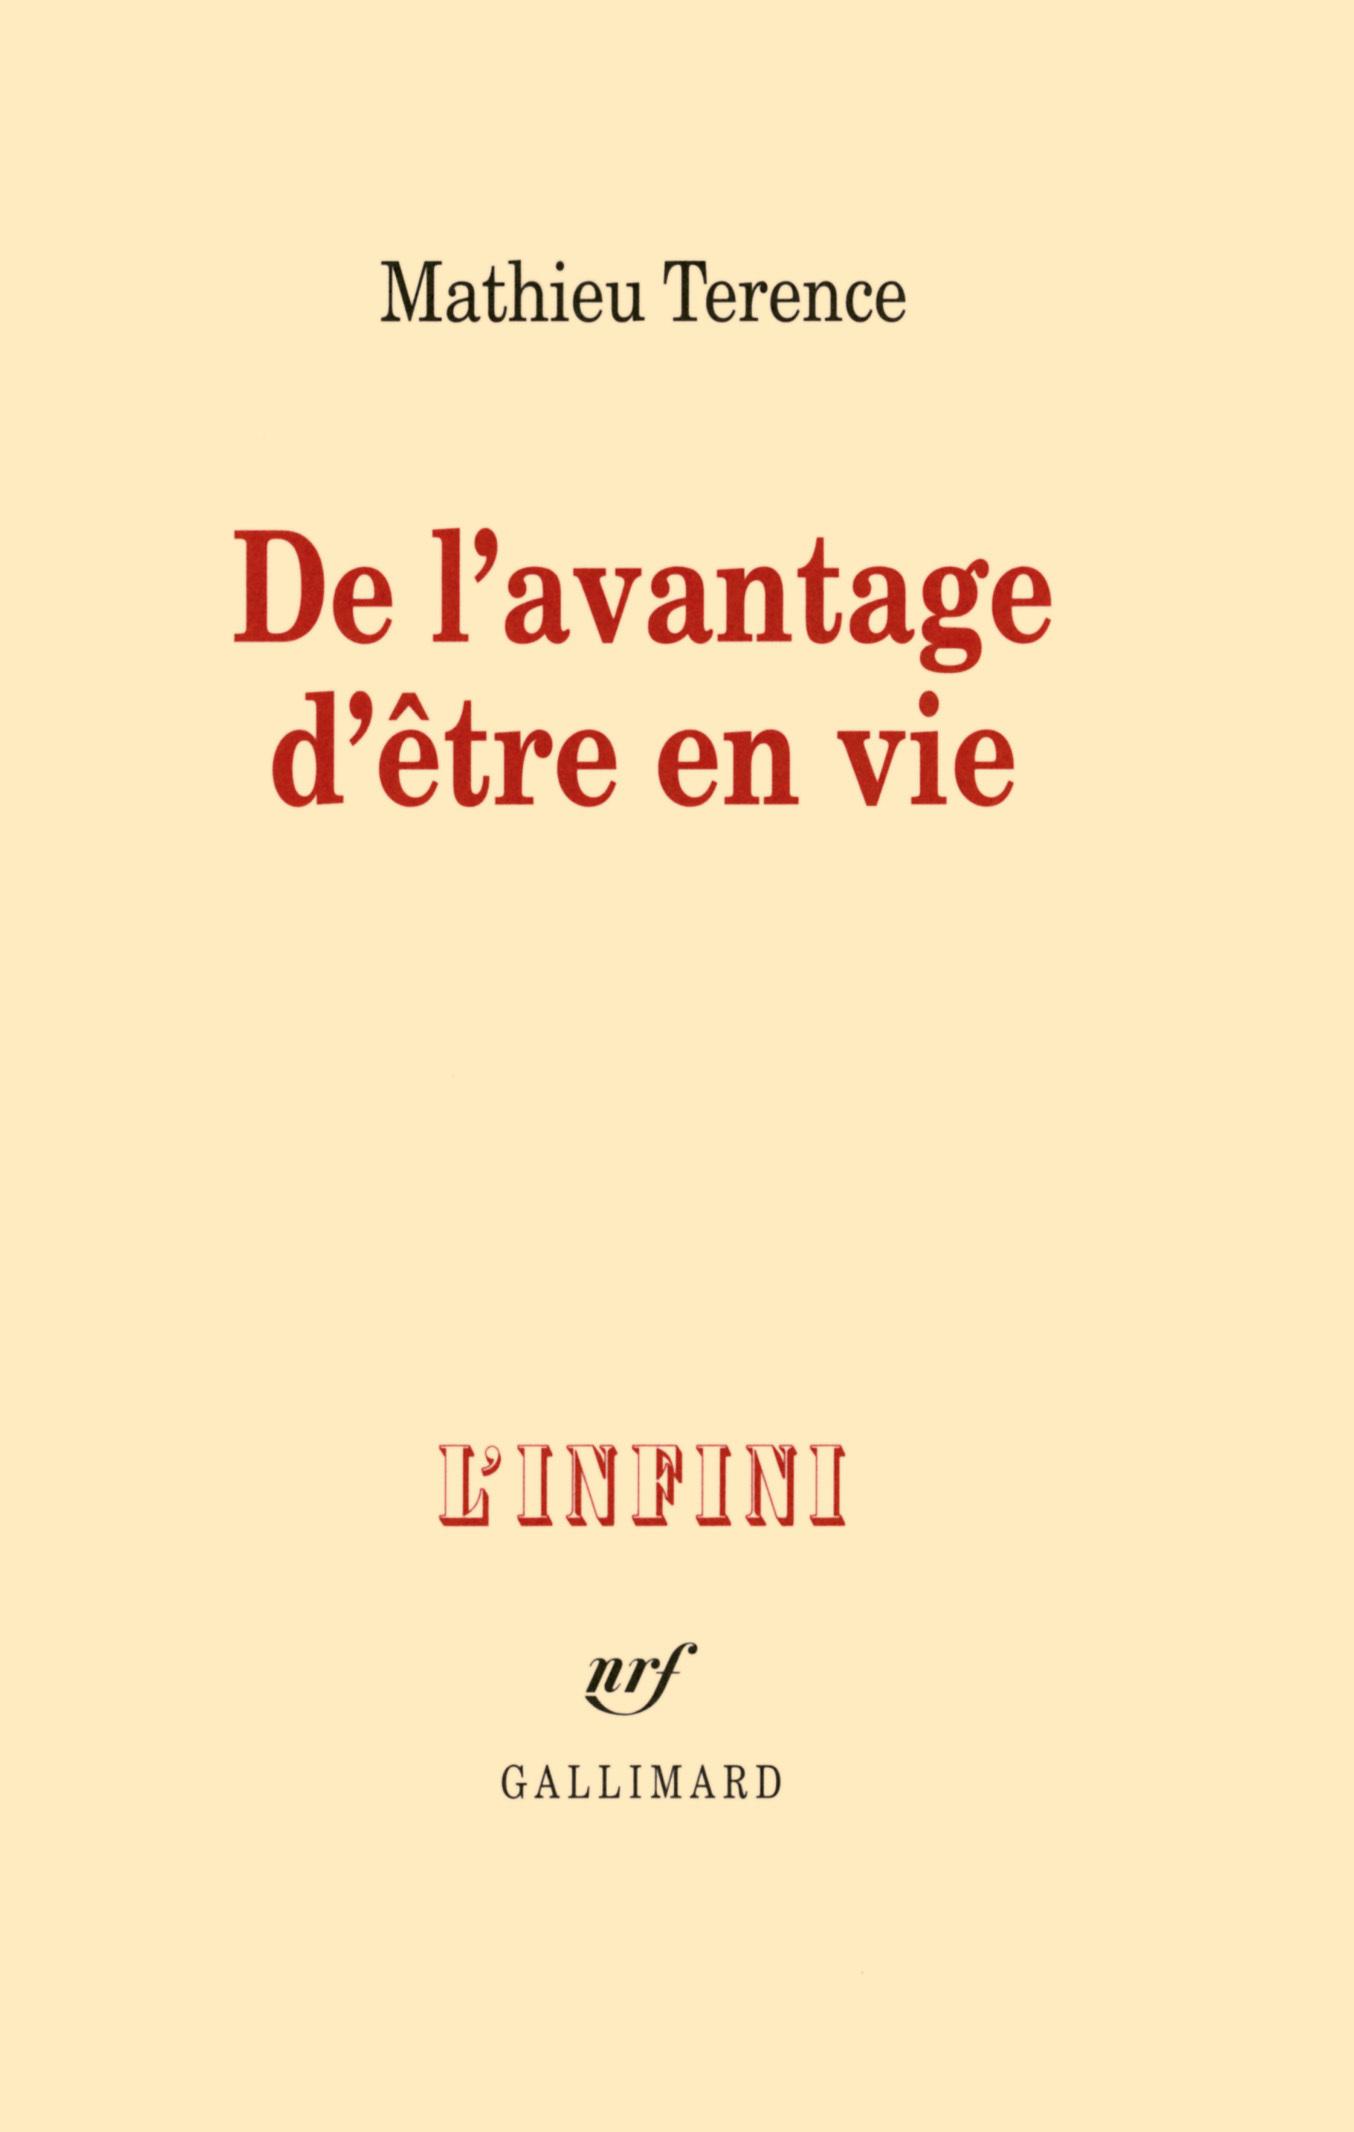 DE L'AVANTAGE D'ETRE EN VIE